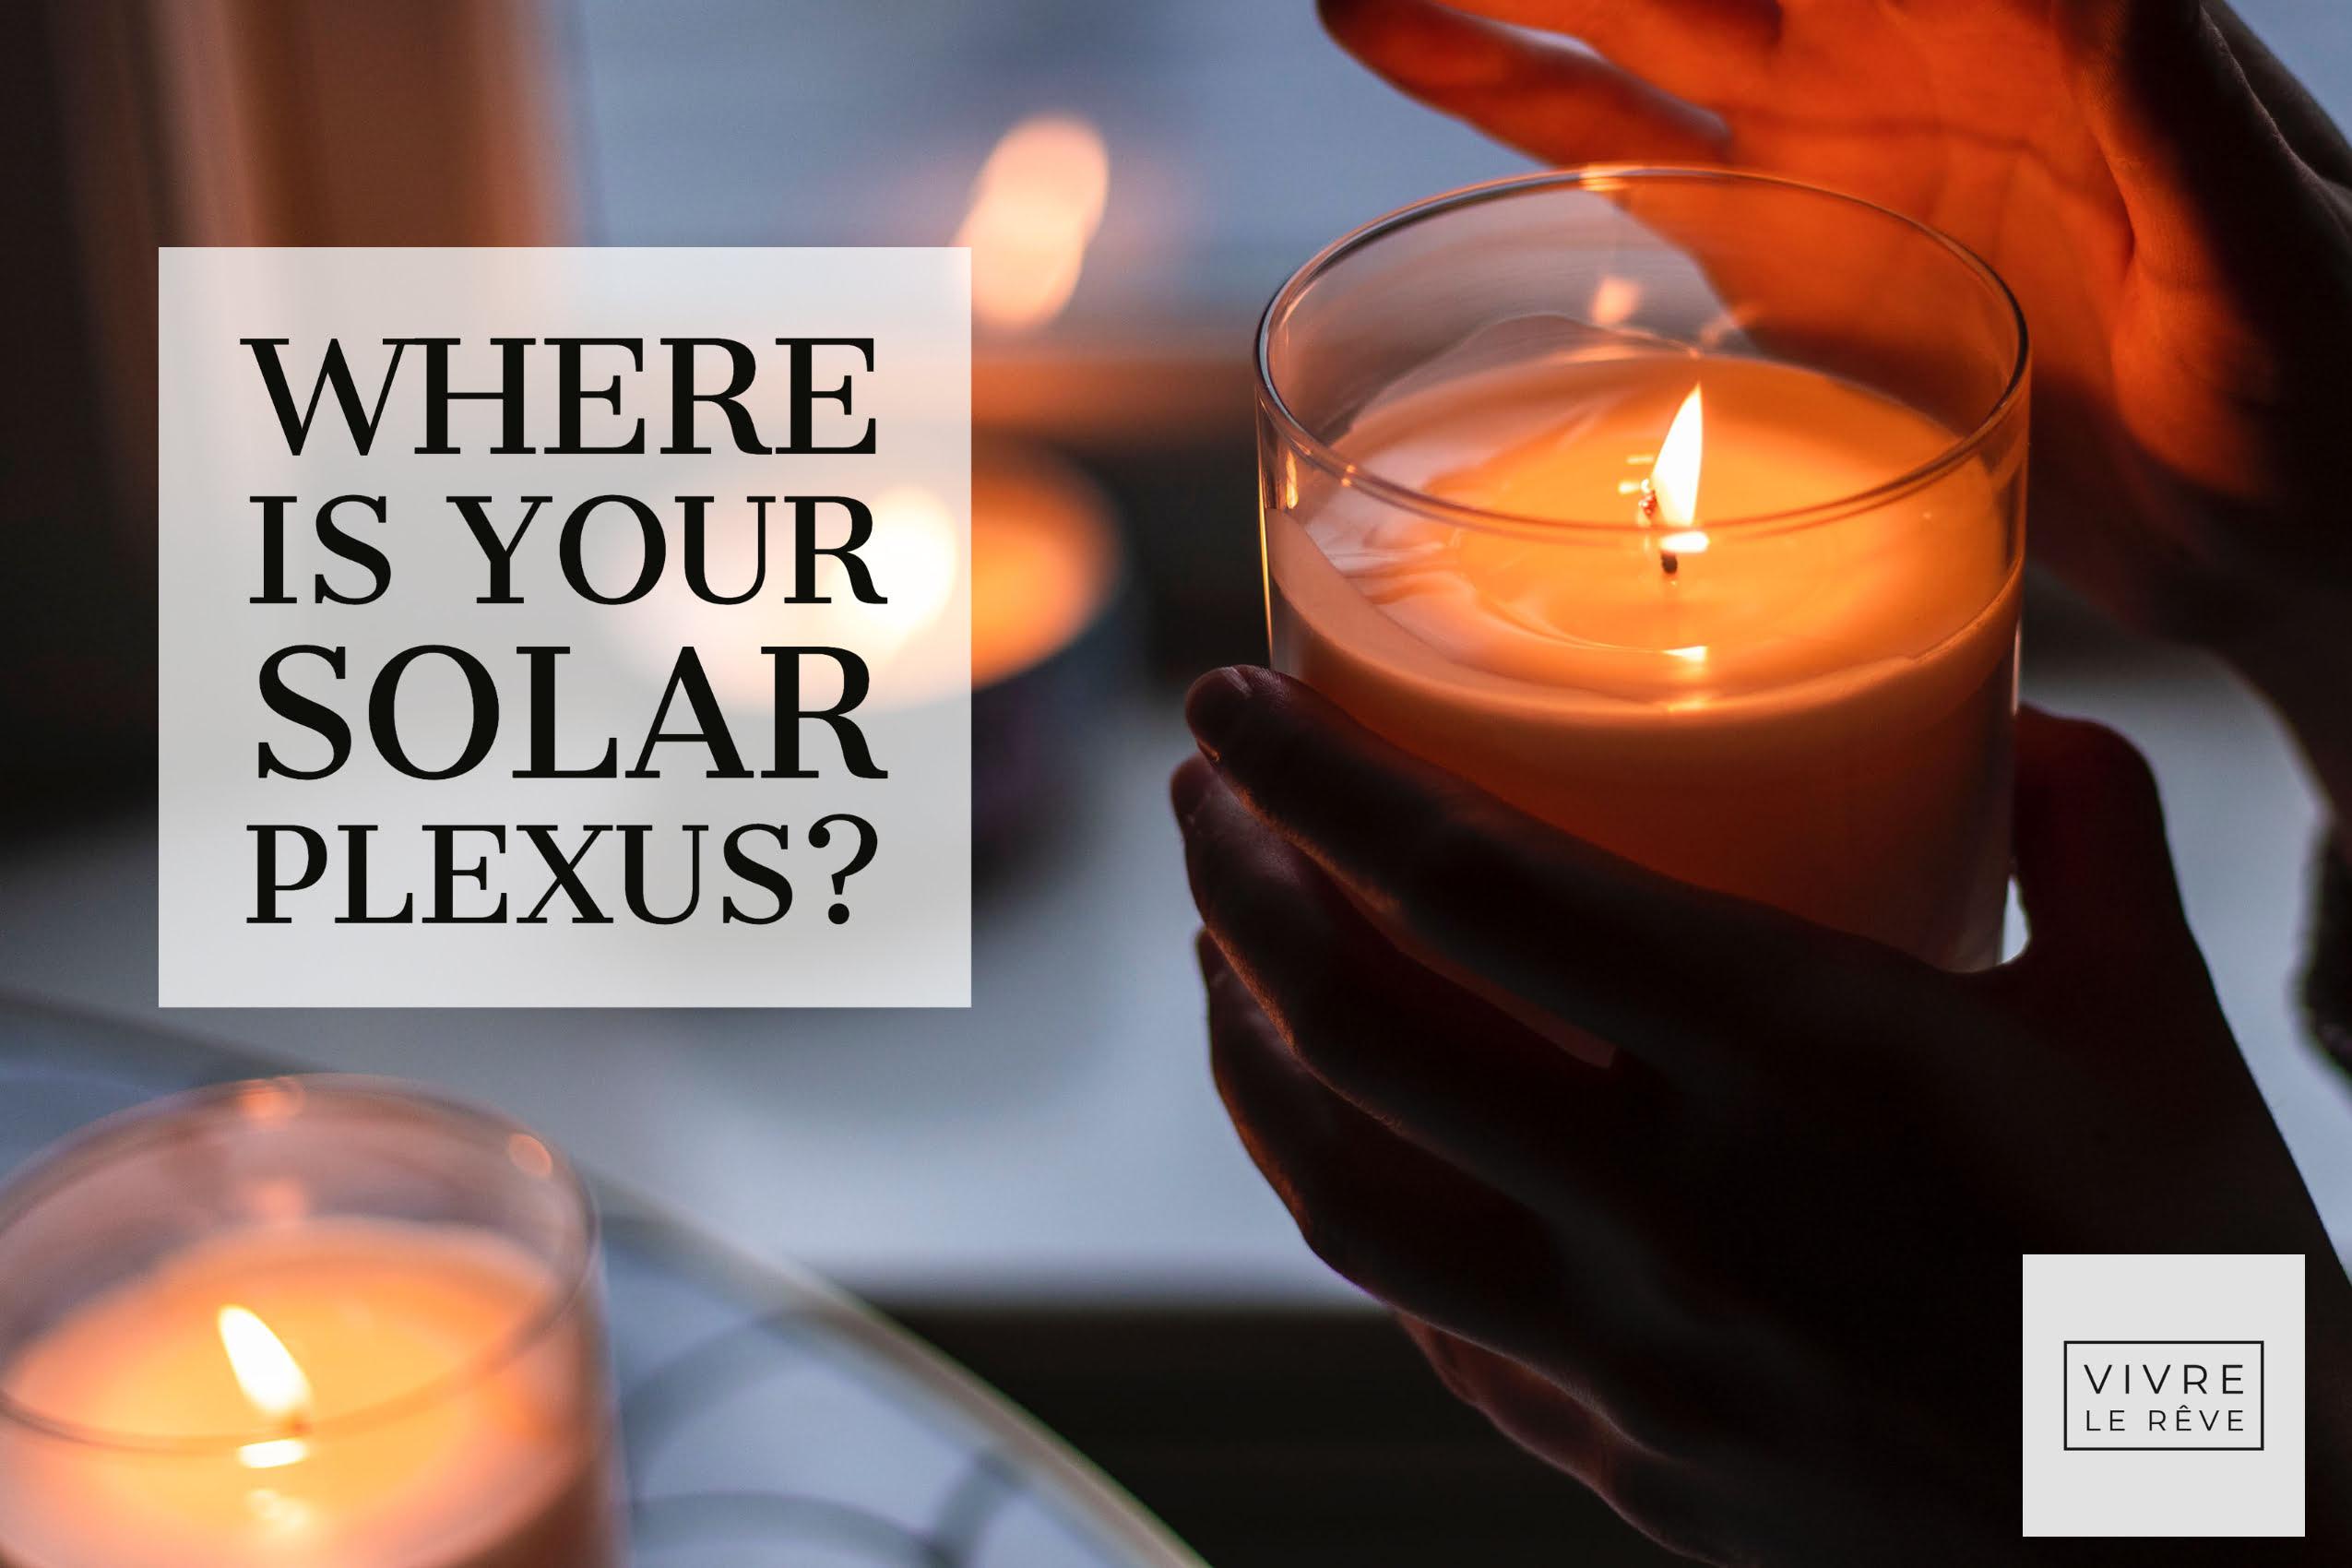 Where is Your Solar Plexus?